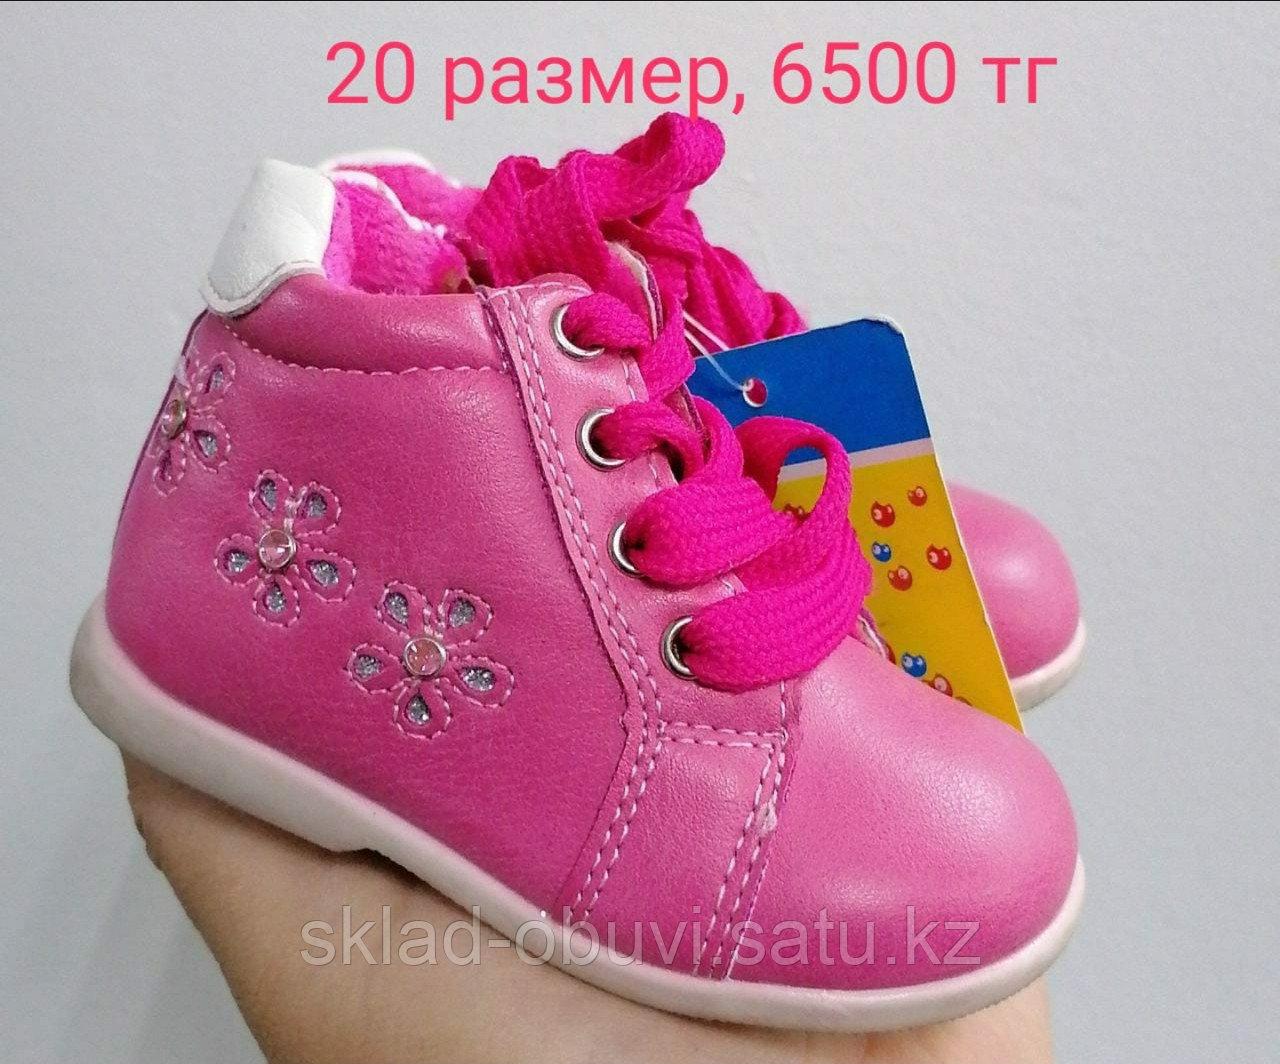 Кожаные ортопедические детские ботиночки. Распродажа со склада мелким оптом. - фото 4